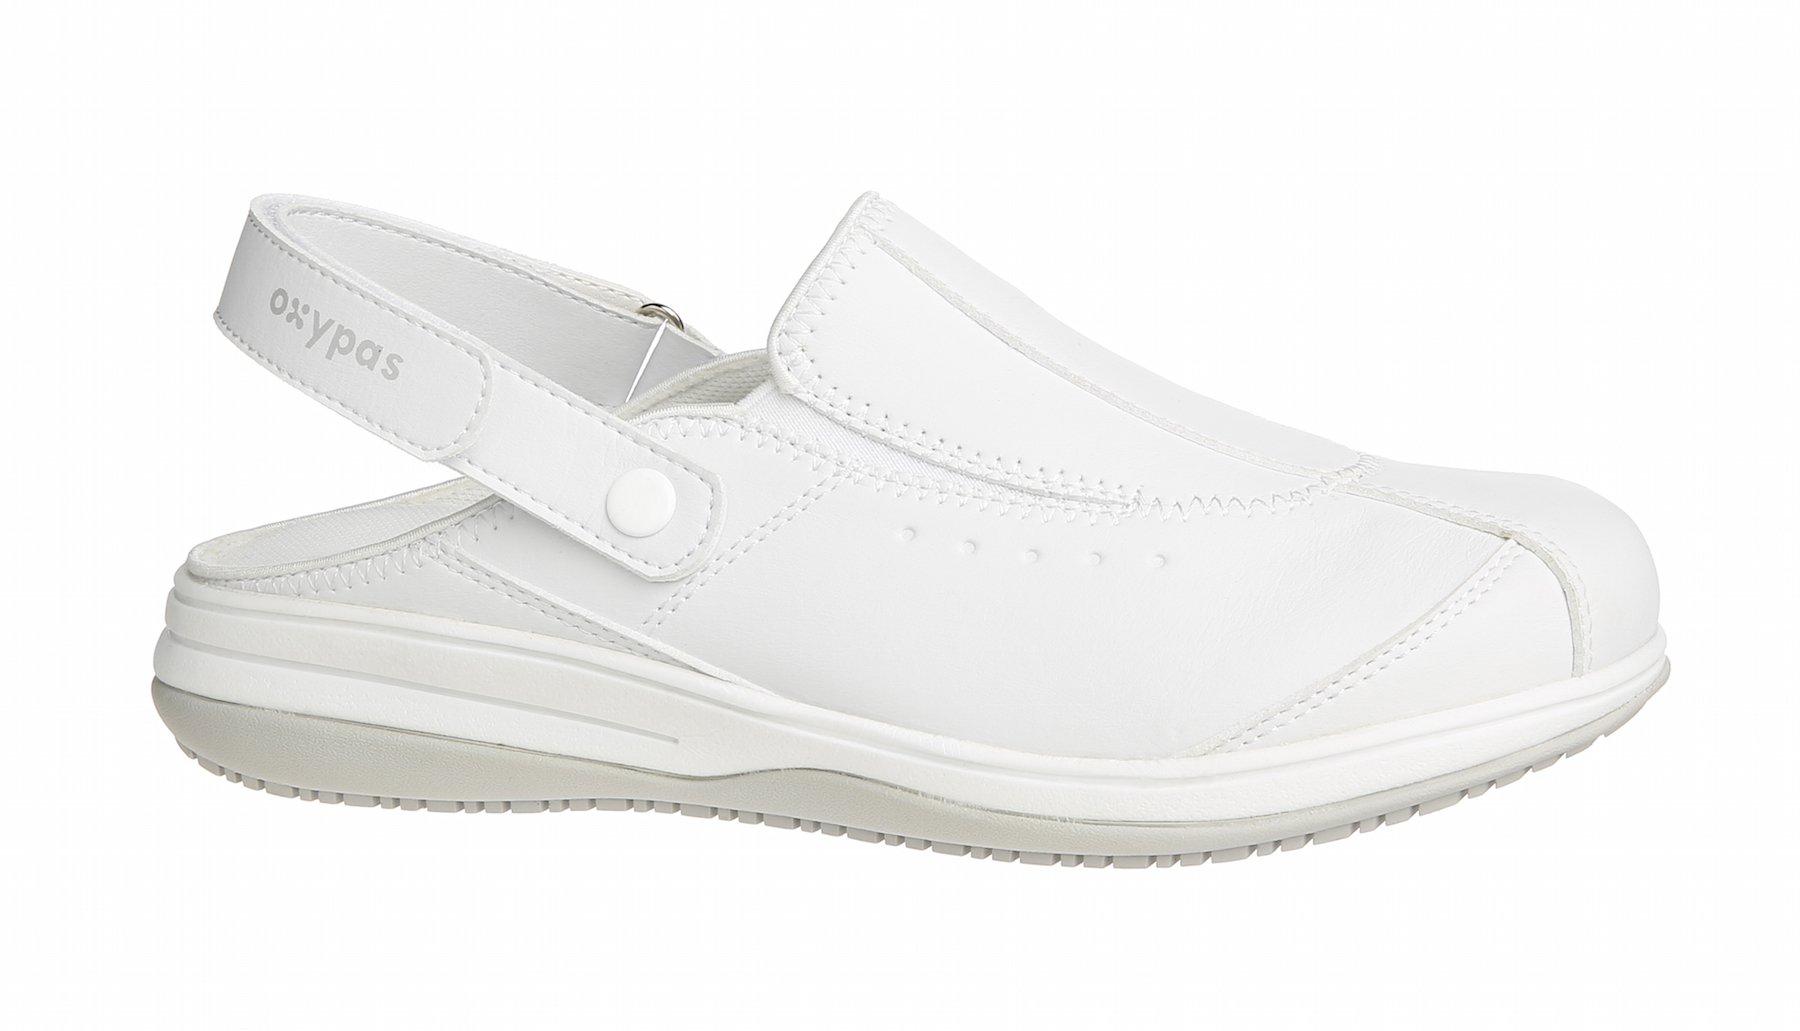 Oxypas Damen Iris Sicherheitsschuhe, Weiß (lbl), 36 EU